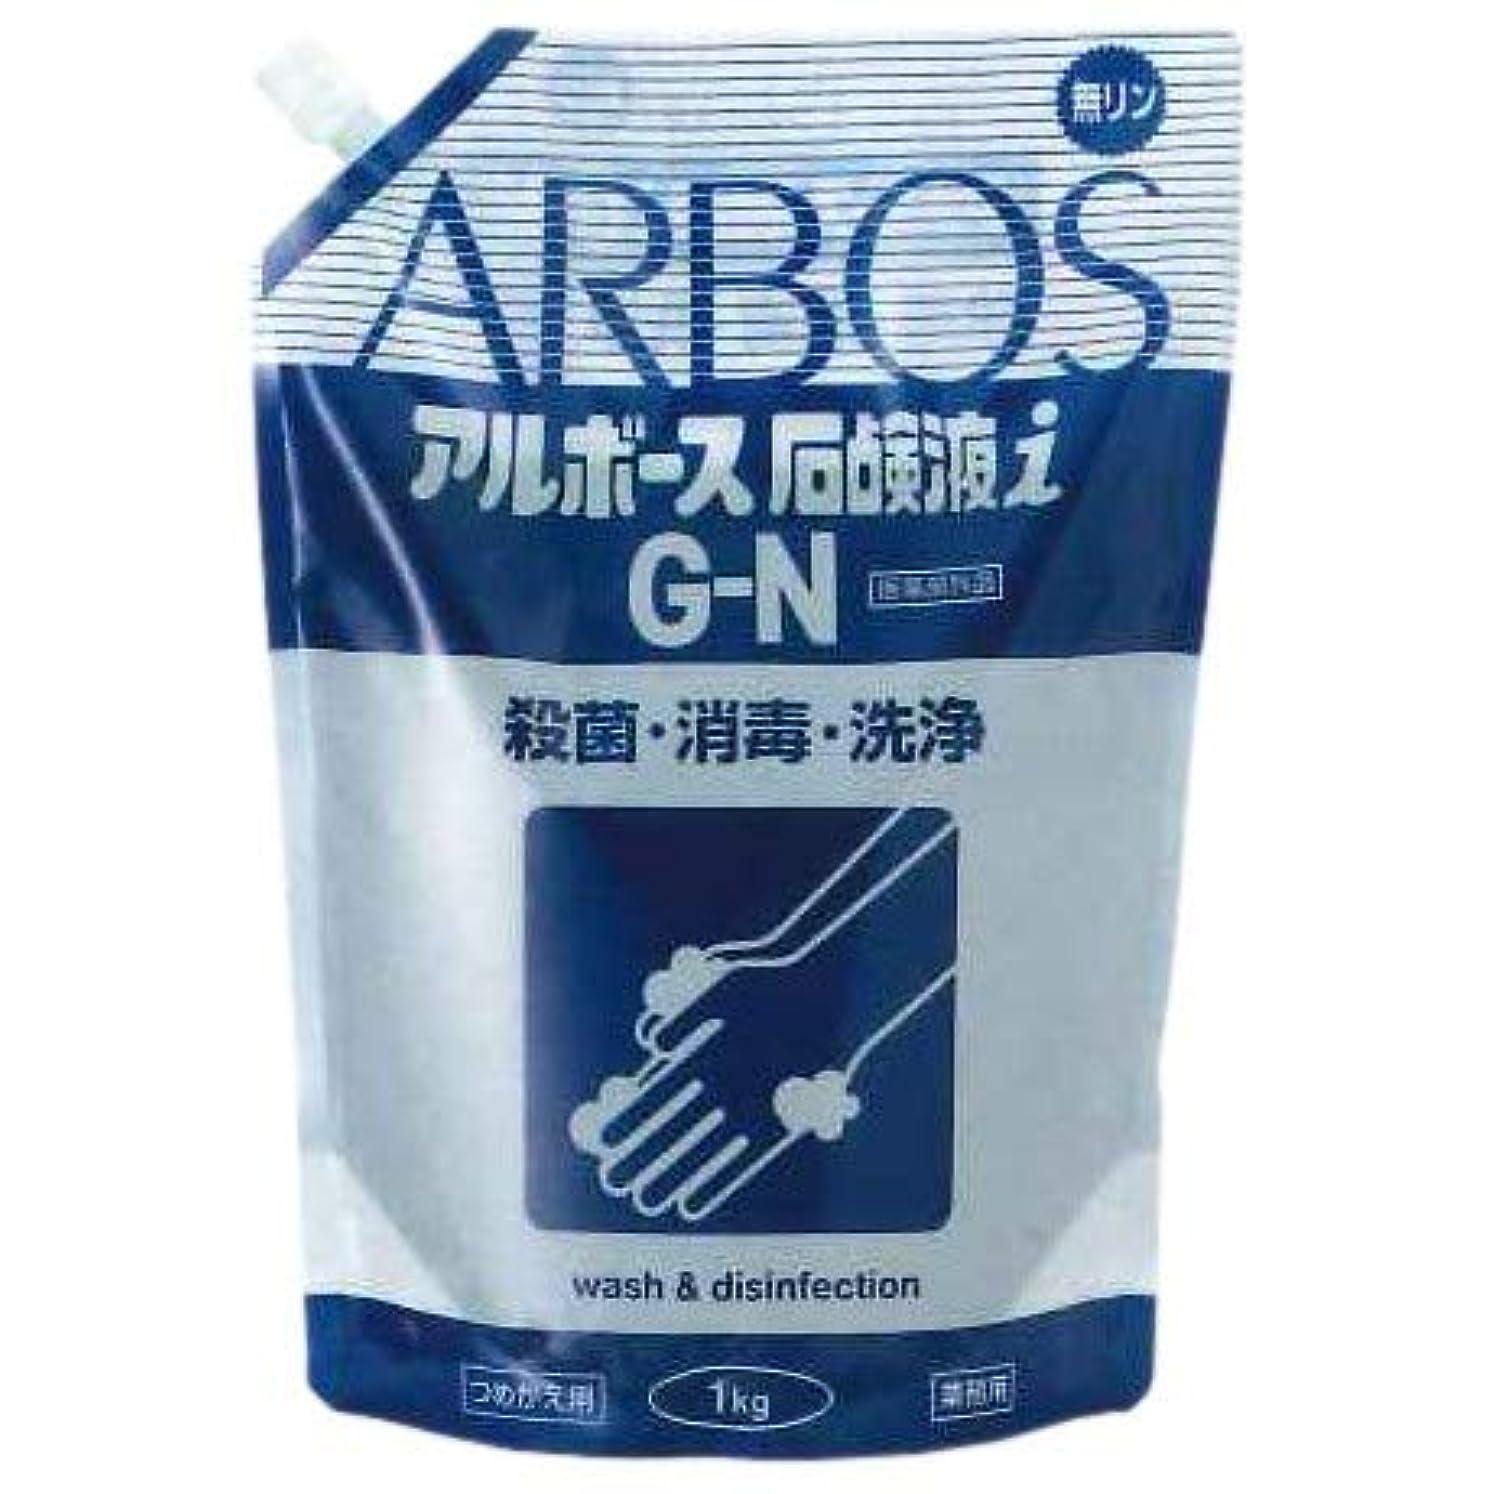 来てコンピューターゲームをプレイする生まれアルボース 薬用ハンドソープ アルボース石鹸液i G-N 濃縮タイプ 1kg×18袋